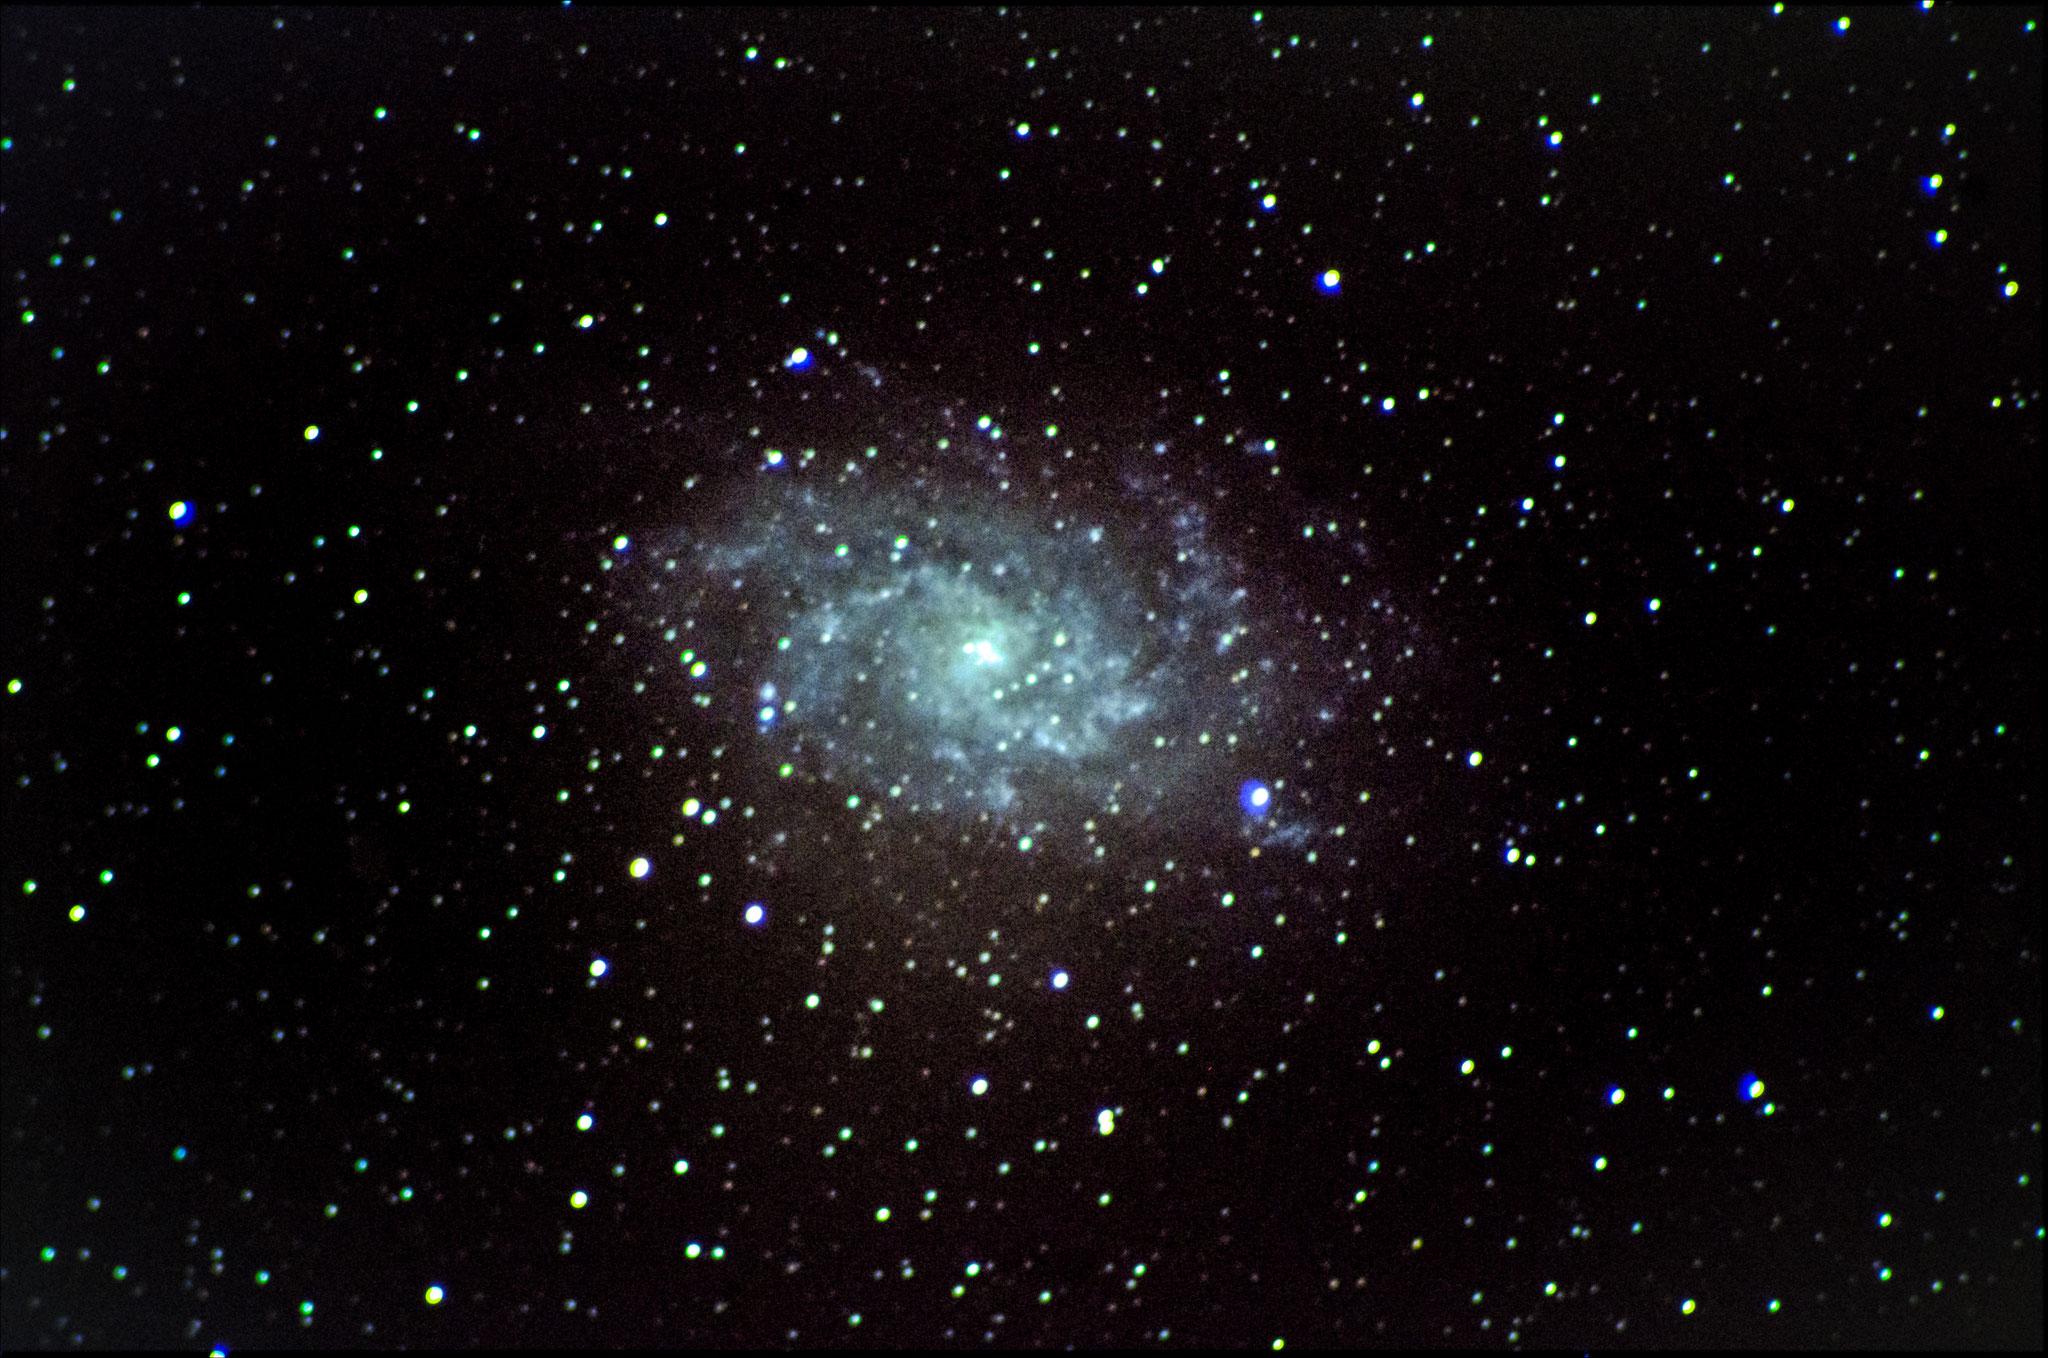 M33 - dans le triangle (13 poses de 65 s à 3200 iso- 4 darks- pas de flat - Loïc THULLIEZ- lunette achromatique 150/750 / HEQ5 motorisée non guidée/APN pentax K50  - traitement iris/lightroom)